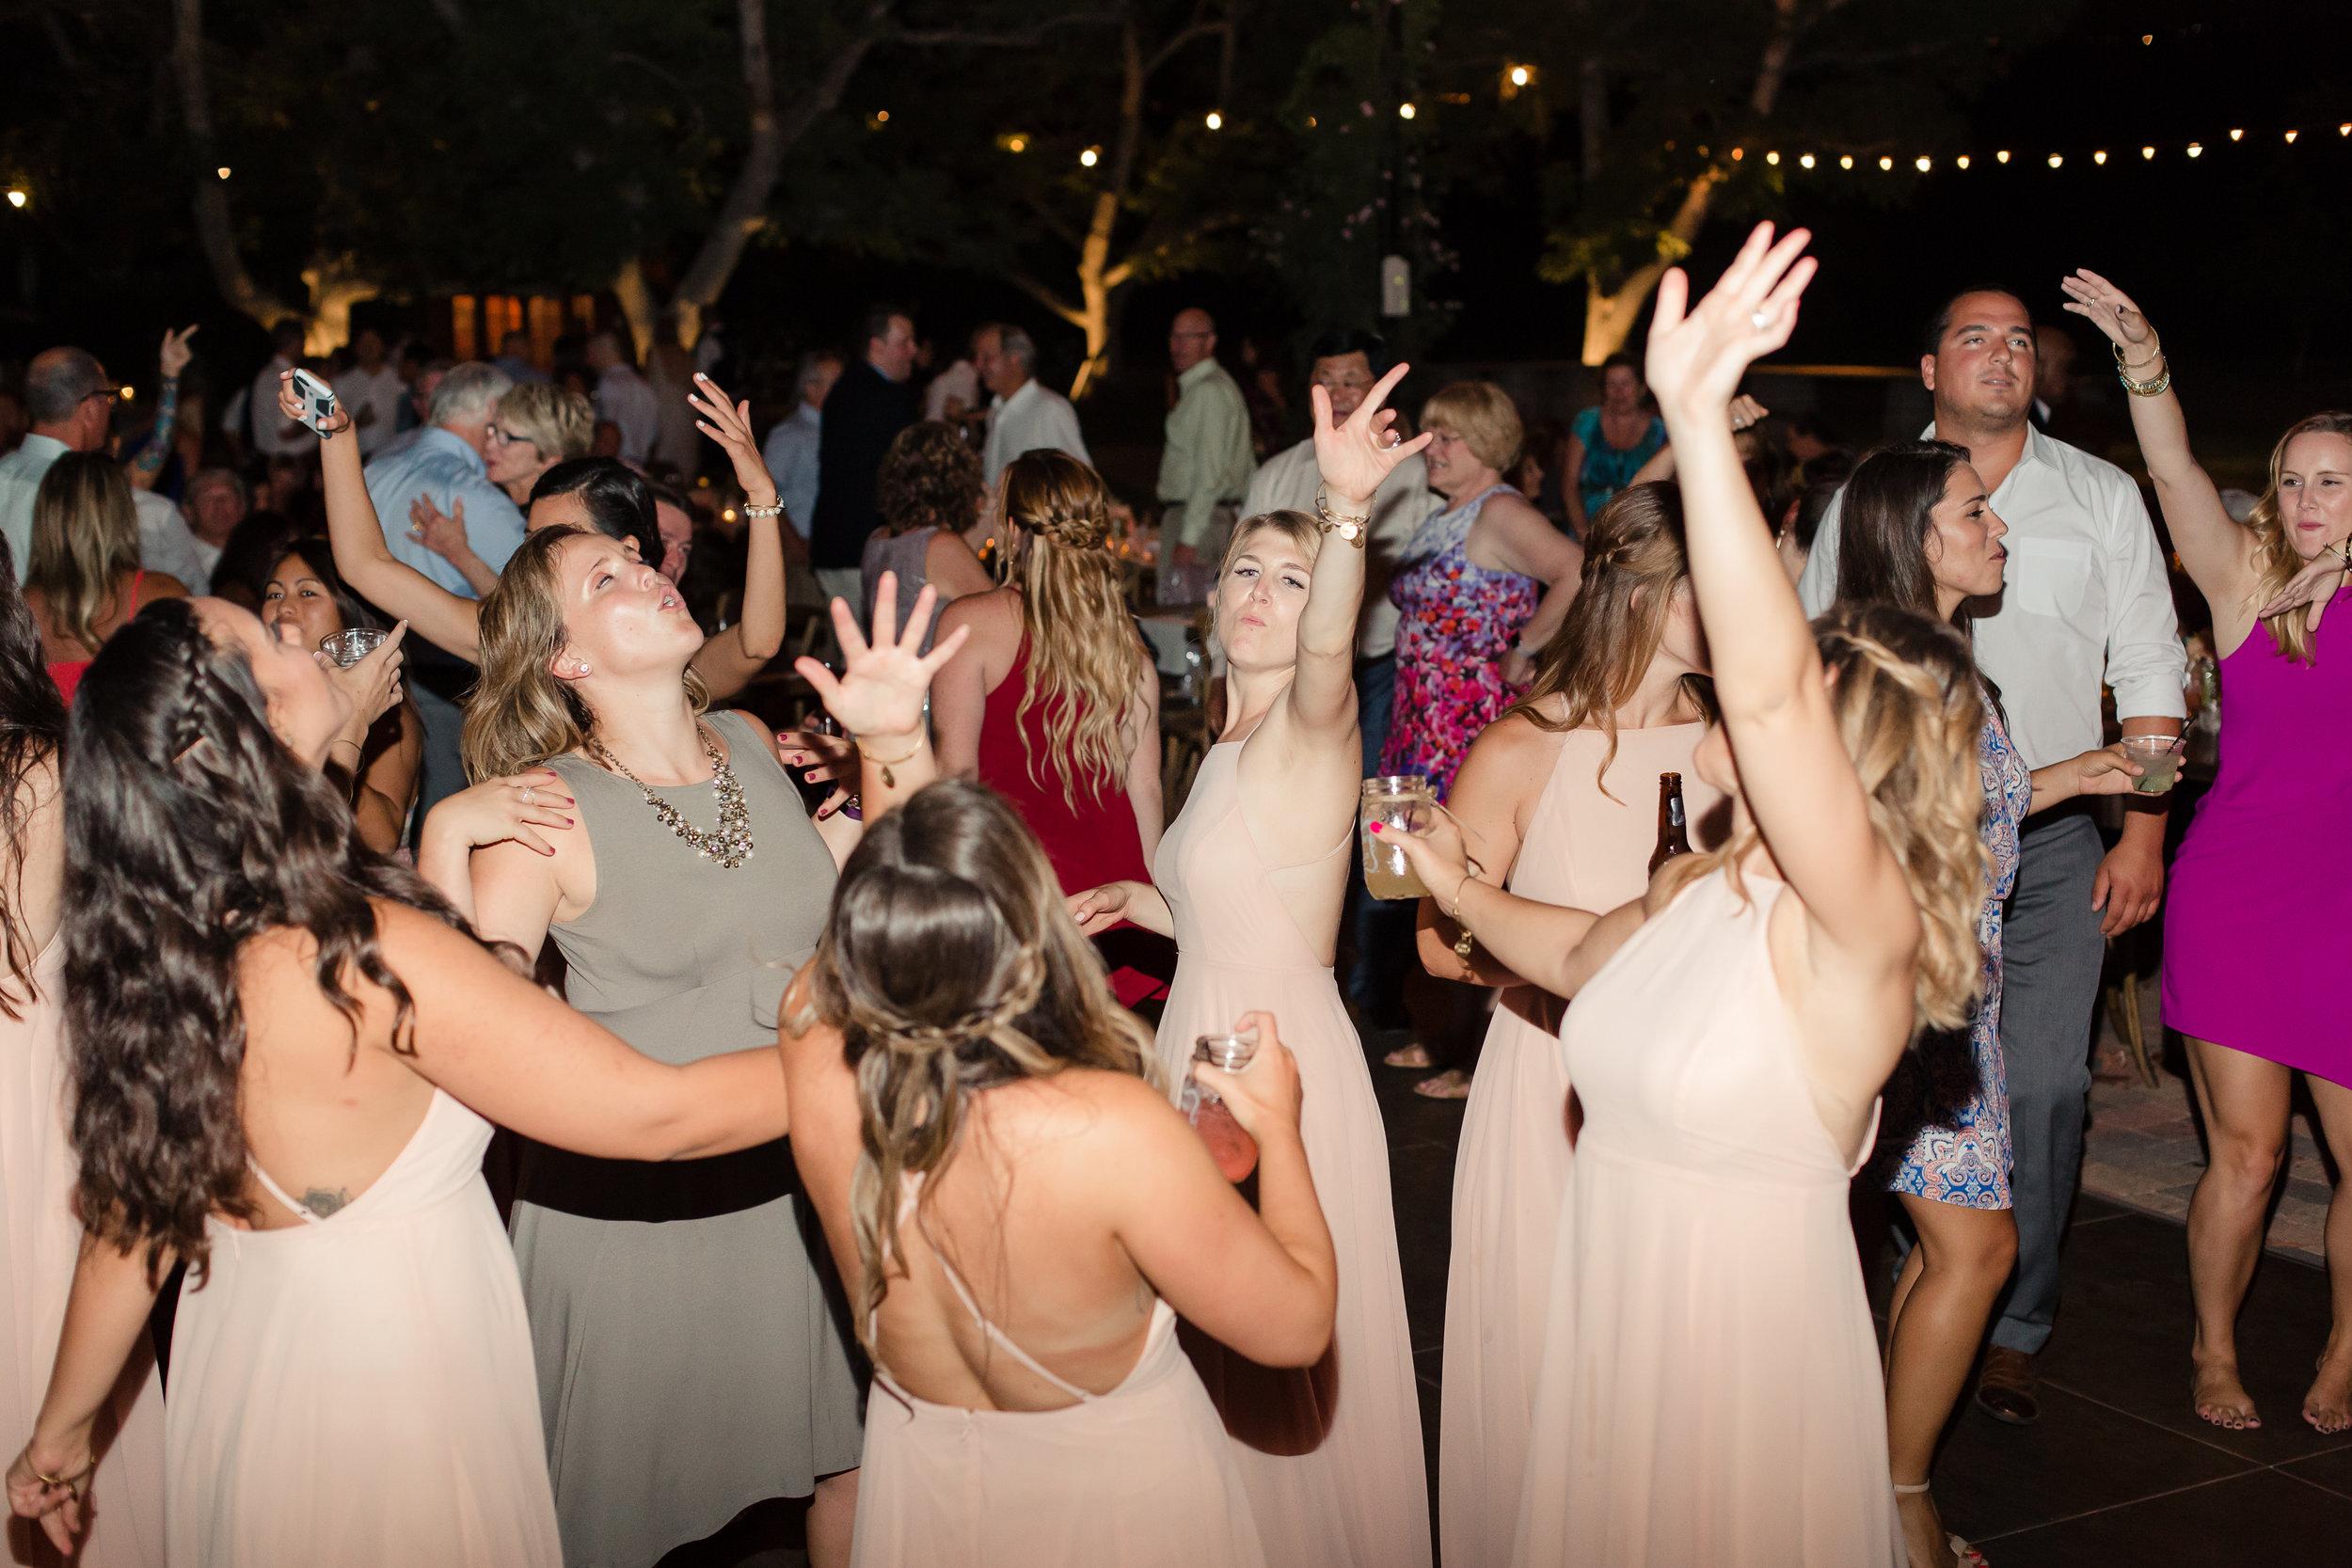 Dancing-00033.jpg